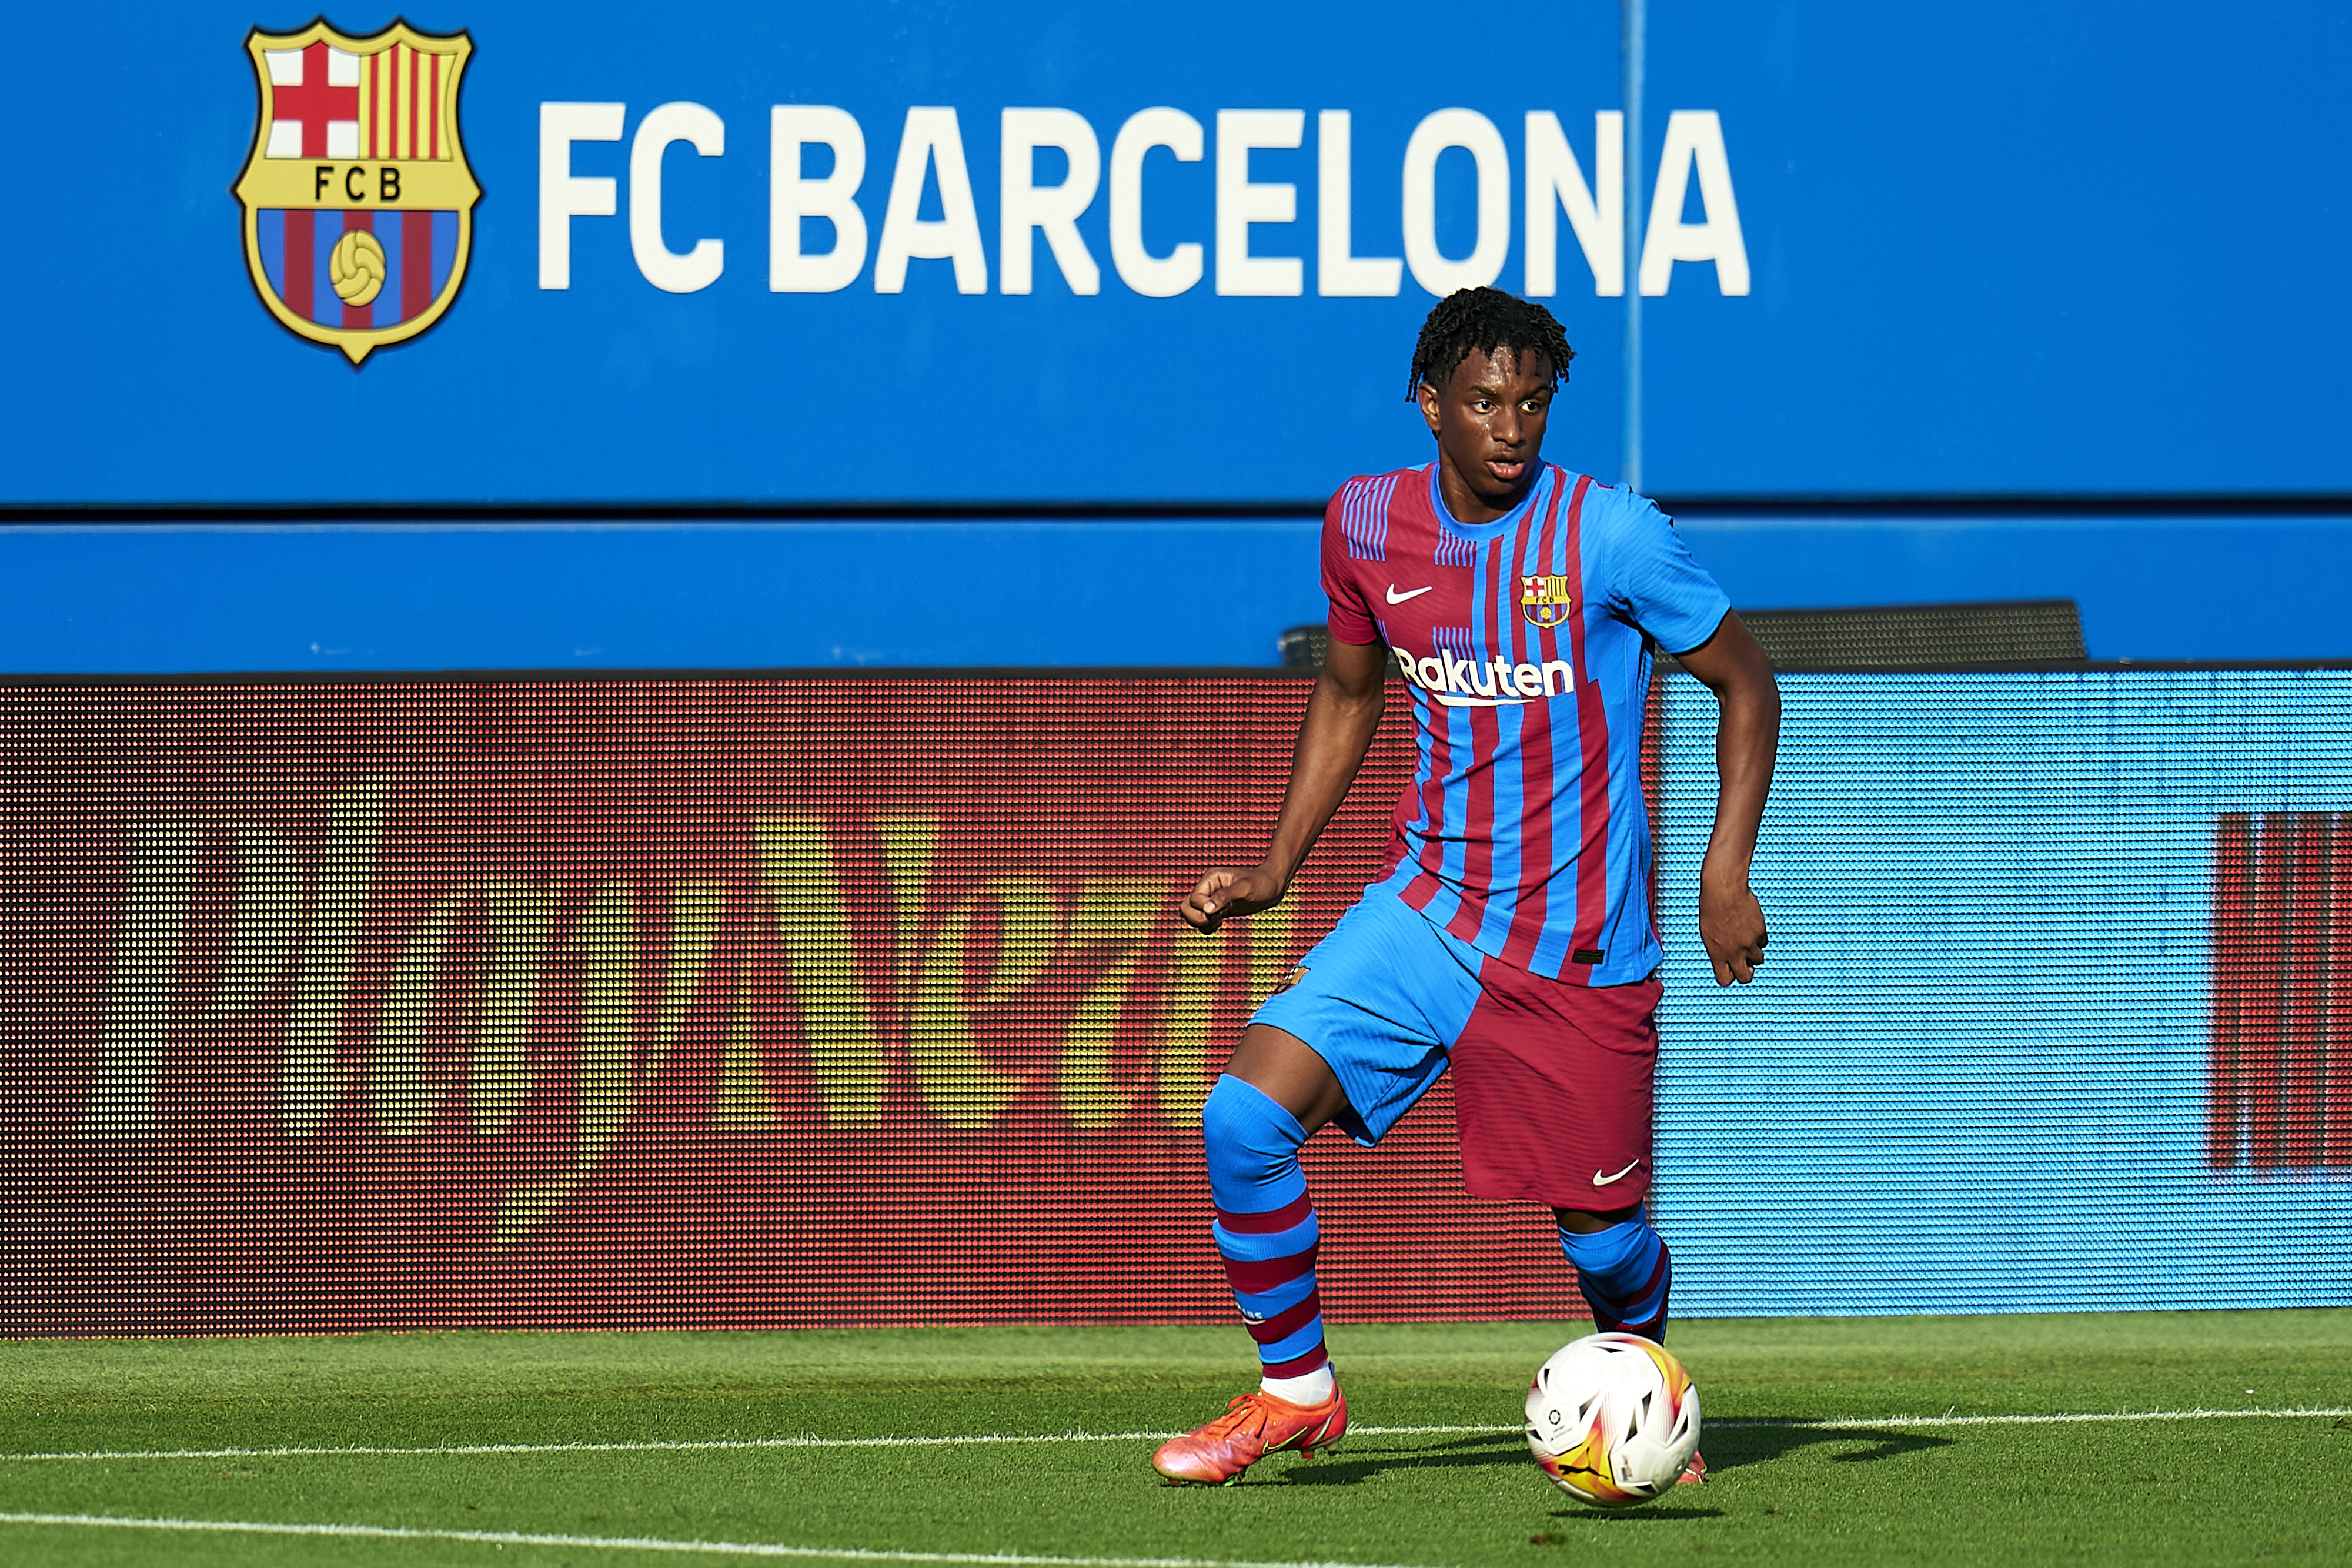 FC Barcelona v Gimnastic de Tarragona - Friendly Match